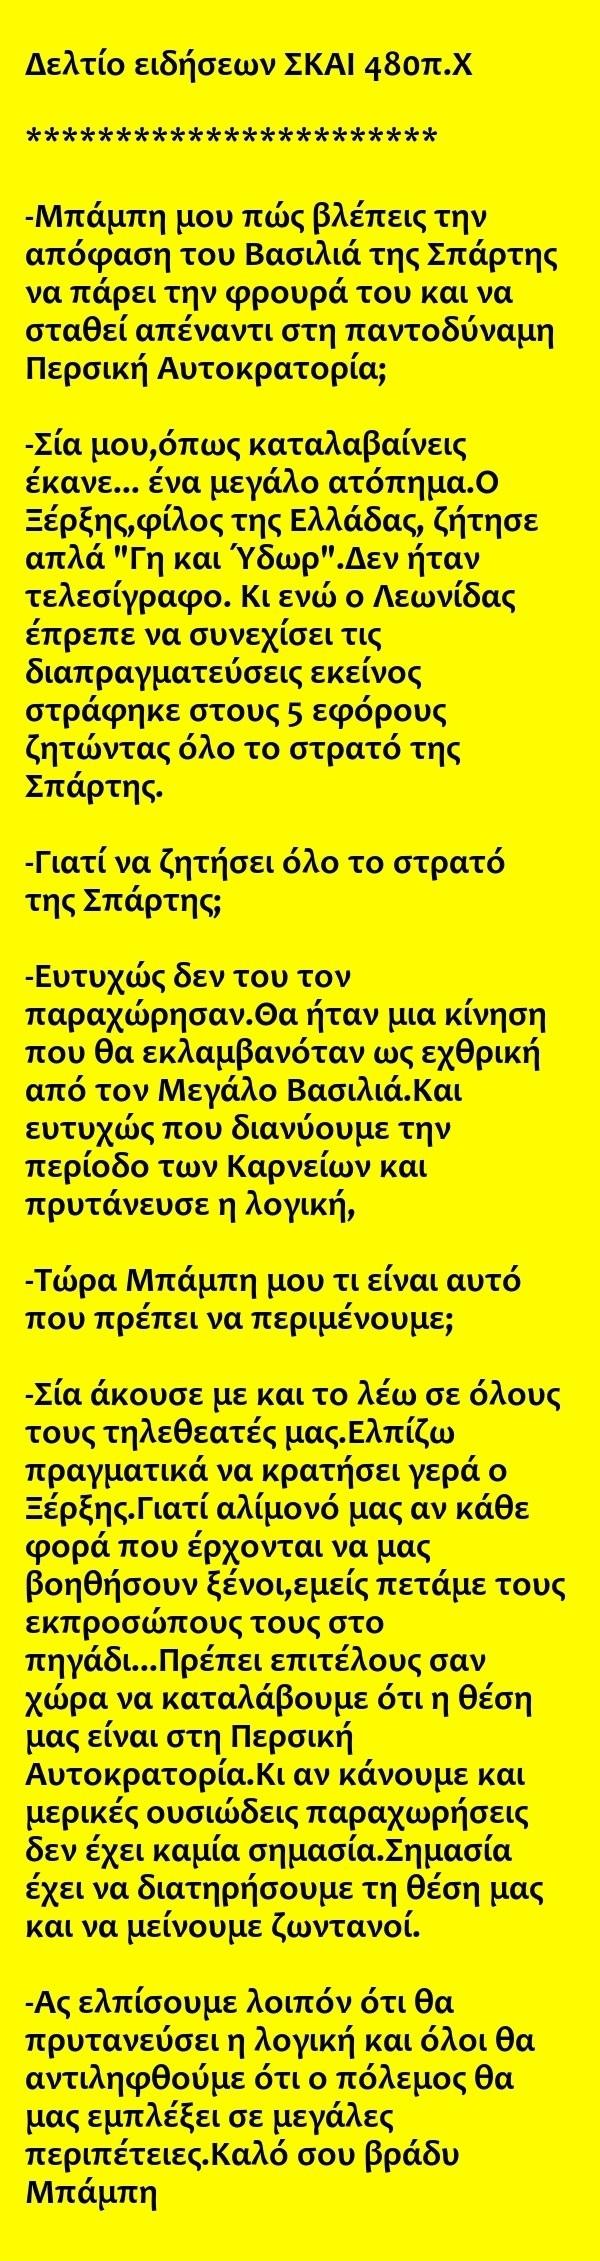 Δελτίο ειδήσεων ΣΚΑΙ 480 π.Χ